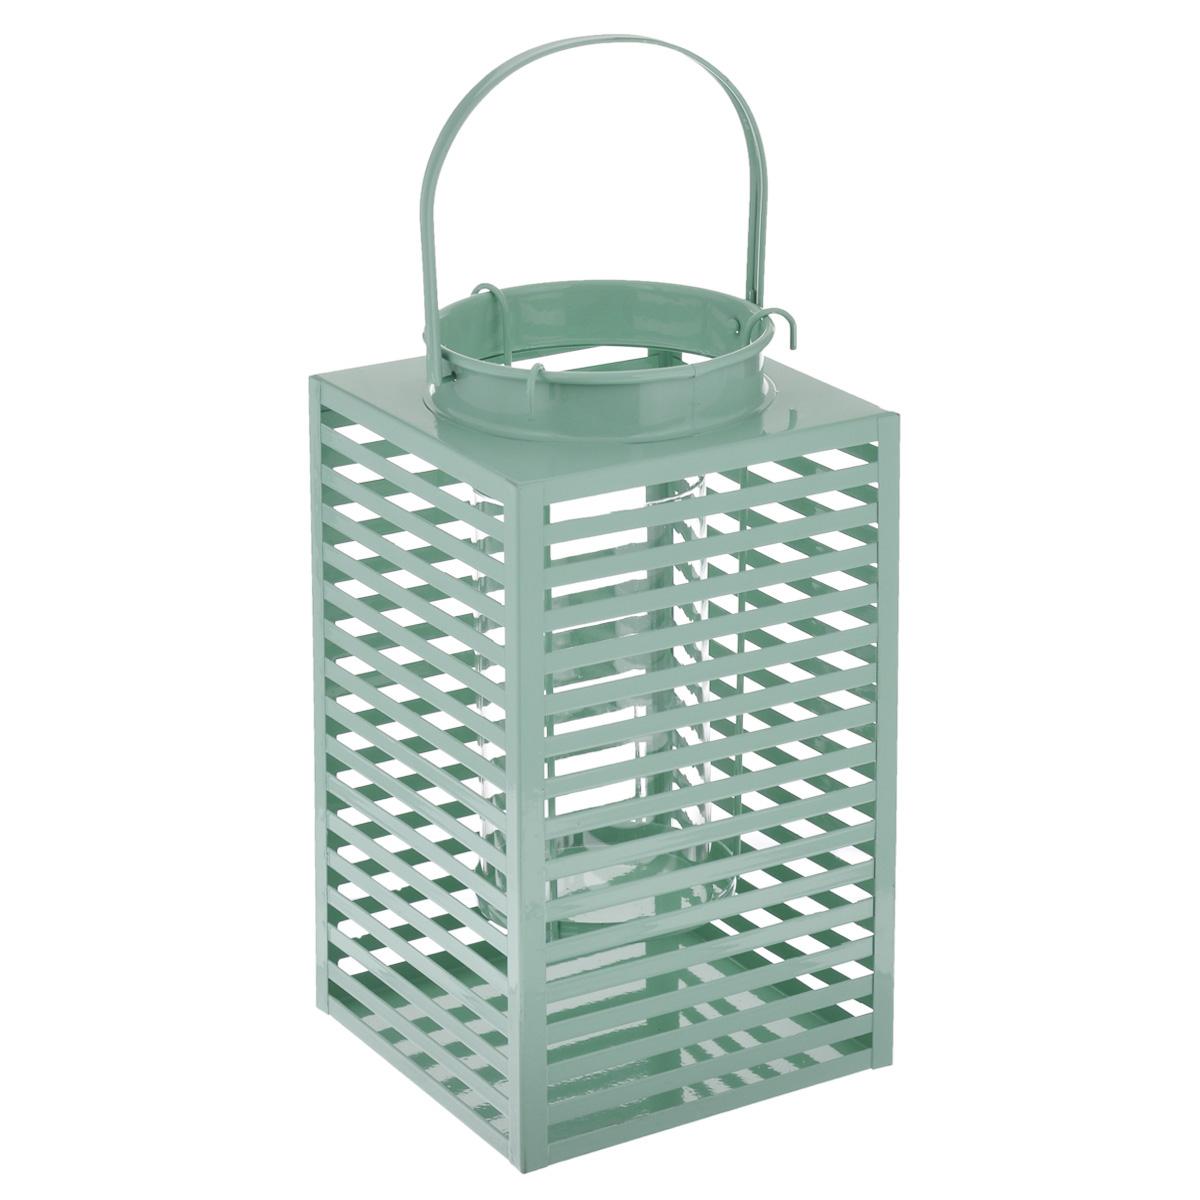 Подсвечник Gardman Orion, цвет: зеленый, 16,5 см х 30 смUP210DFДекоративный подсвечник Gardman Orion порадует каждого, кто его увидит. Подсвечник выполнен из металла в виде прямоугольной корзины, оснащенной внутри стеклянной емкостью для размещения свечи. Емкость подвешивается на специальные крючки за край подсвечника. Изделие оснащено металлической ручкой. Теплое мерцание пламени свечи подарит вам настроение волшебства и торжественности.Создайте в своем доме атмосферу уюта, преображая интерьер стильными, радующими глаза предметами.Размер подсвечника: 16,5 см х 16,5 см х 30 см. Высота емкости для свечи: 17 см. Диаметр емкости для свечи (по верхнему краю): 9 см. Высота ручки: 13 см.